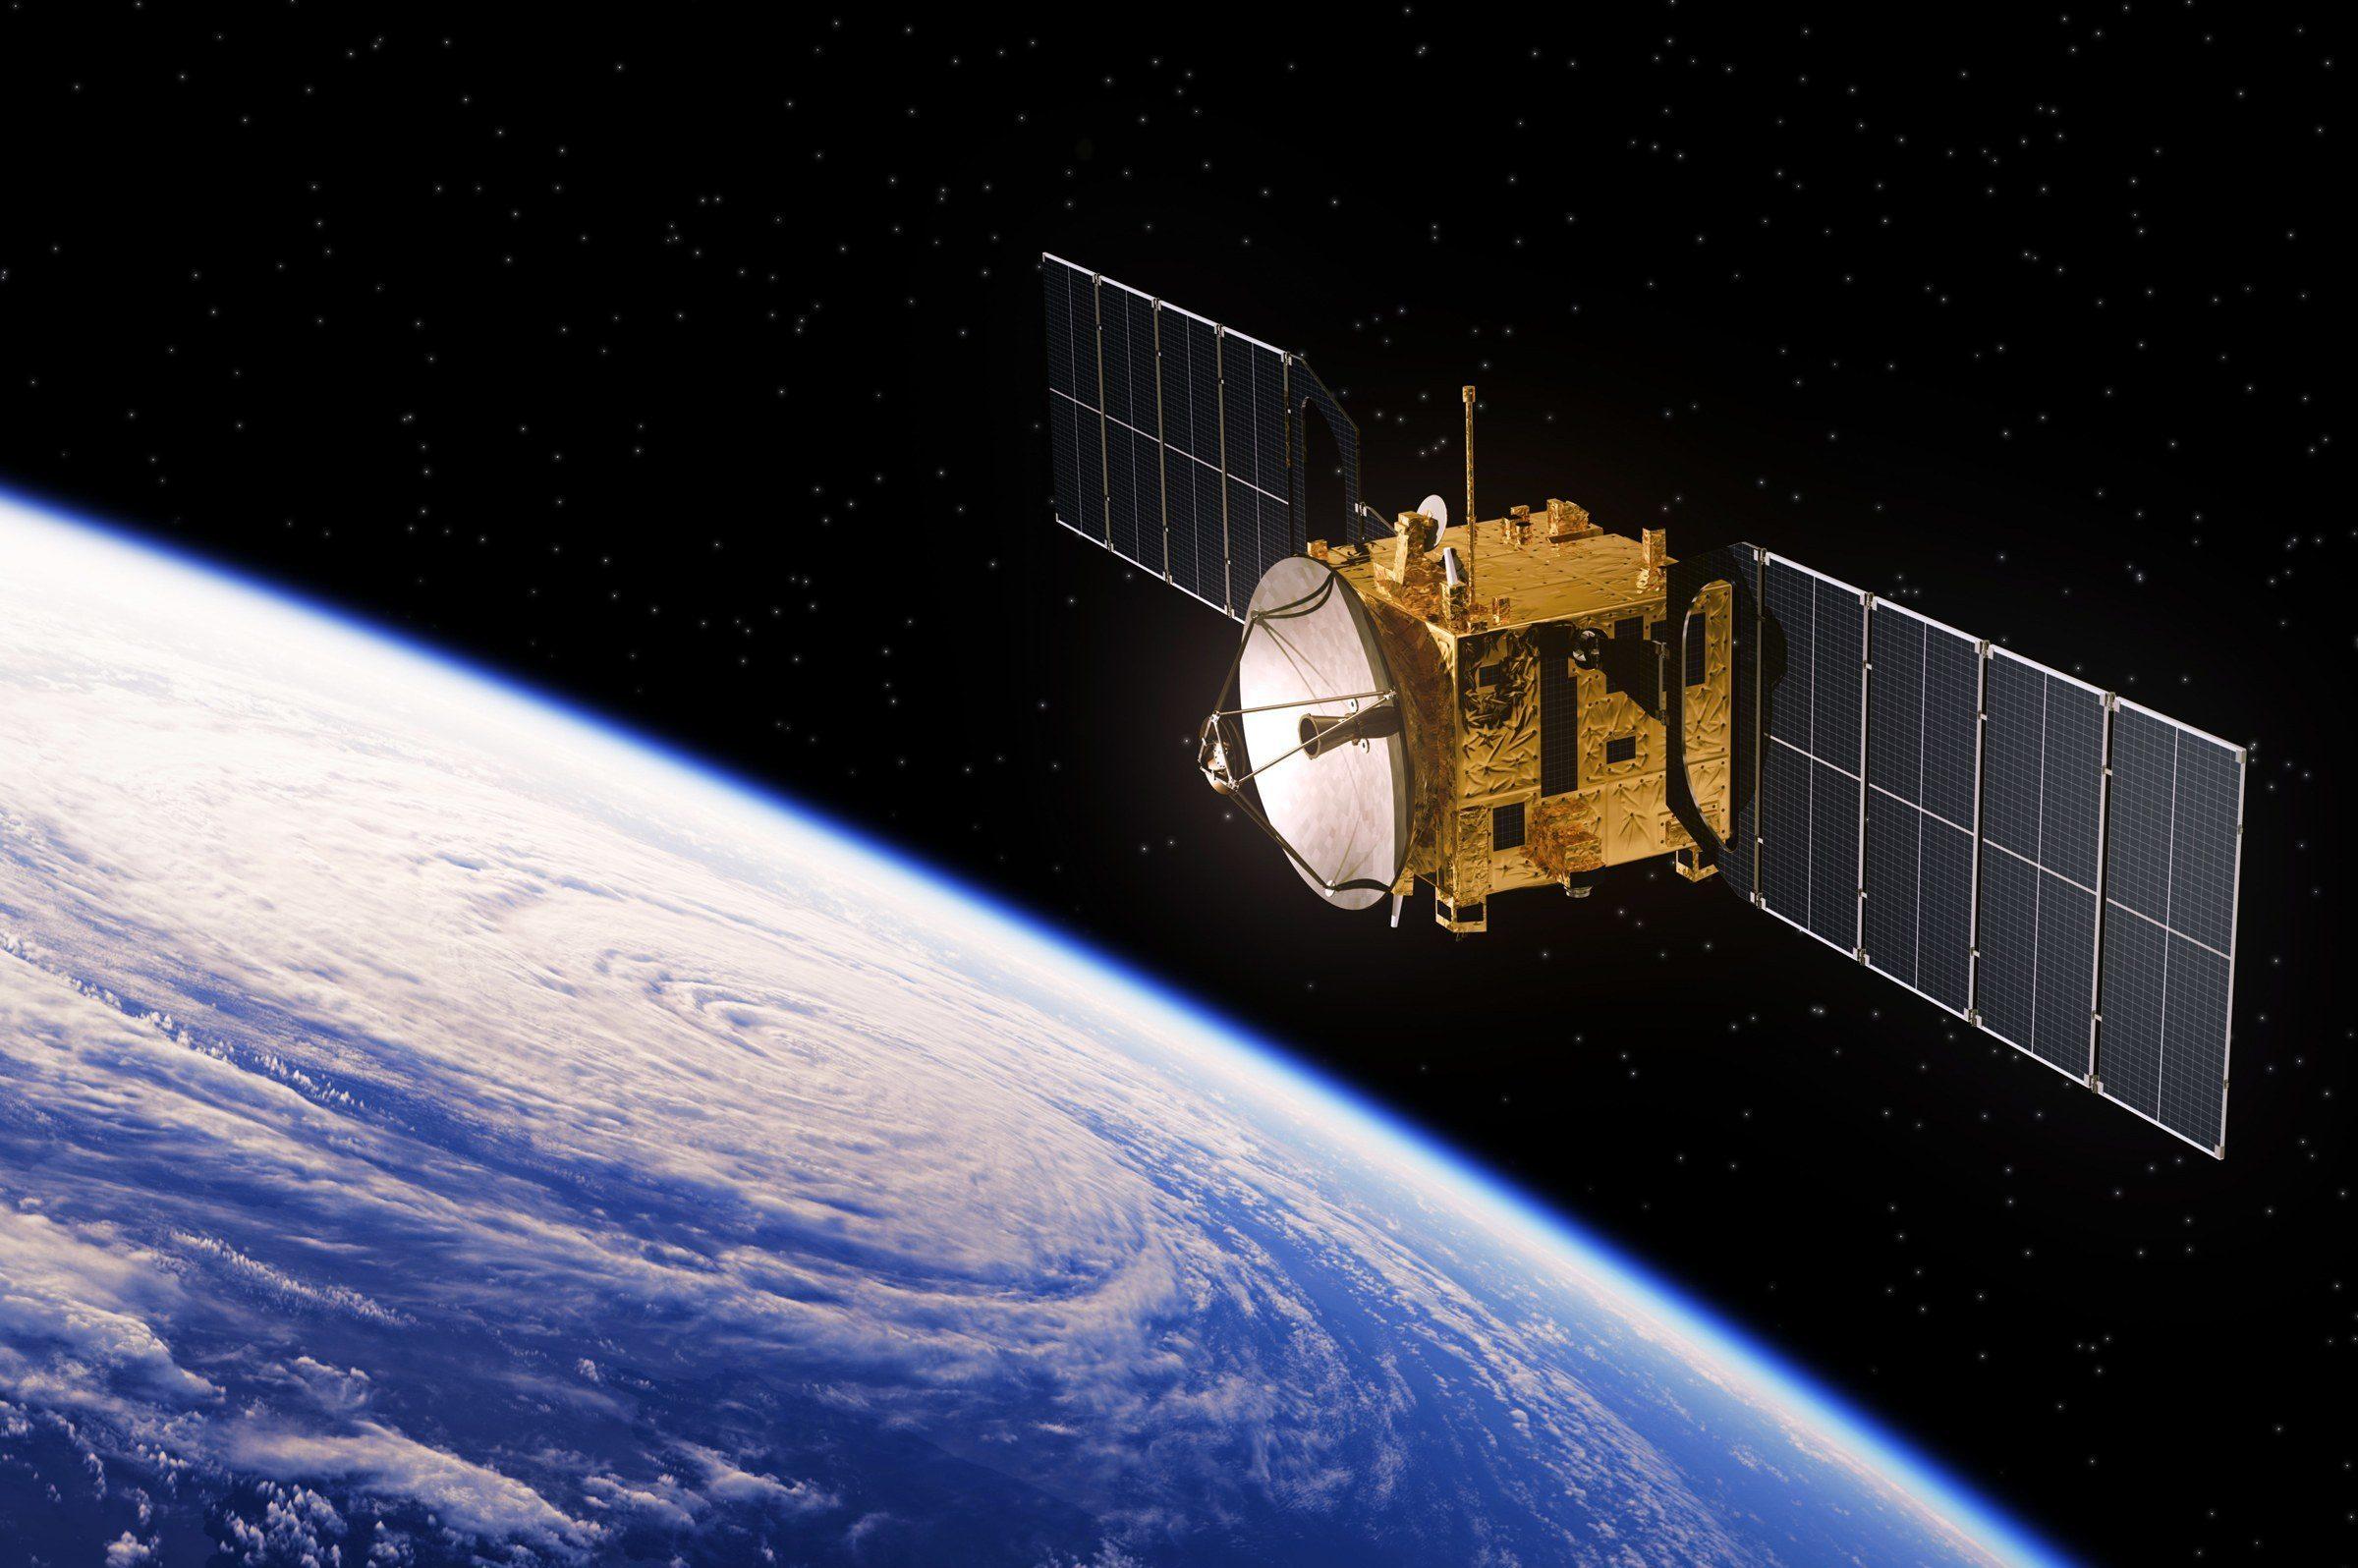 Satellite FHM56J e1542193846332 - Space